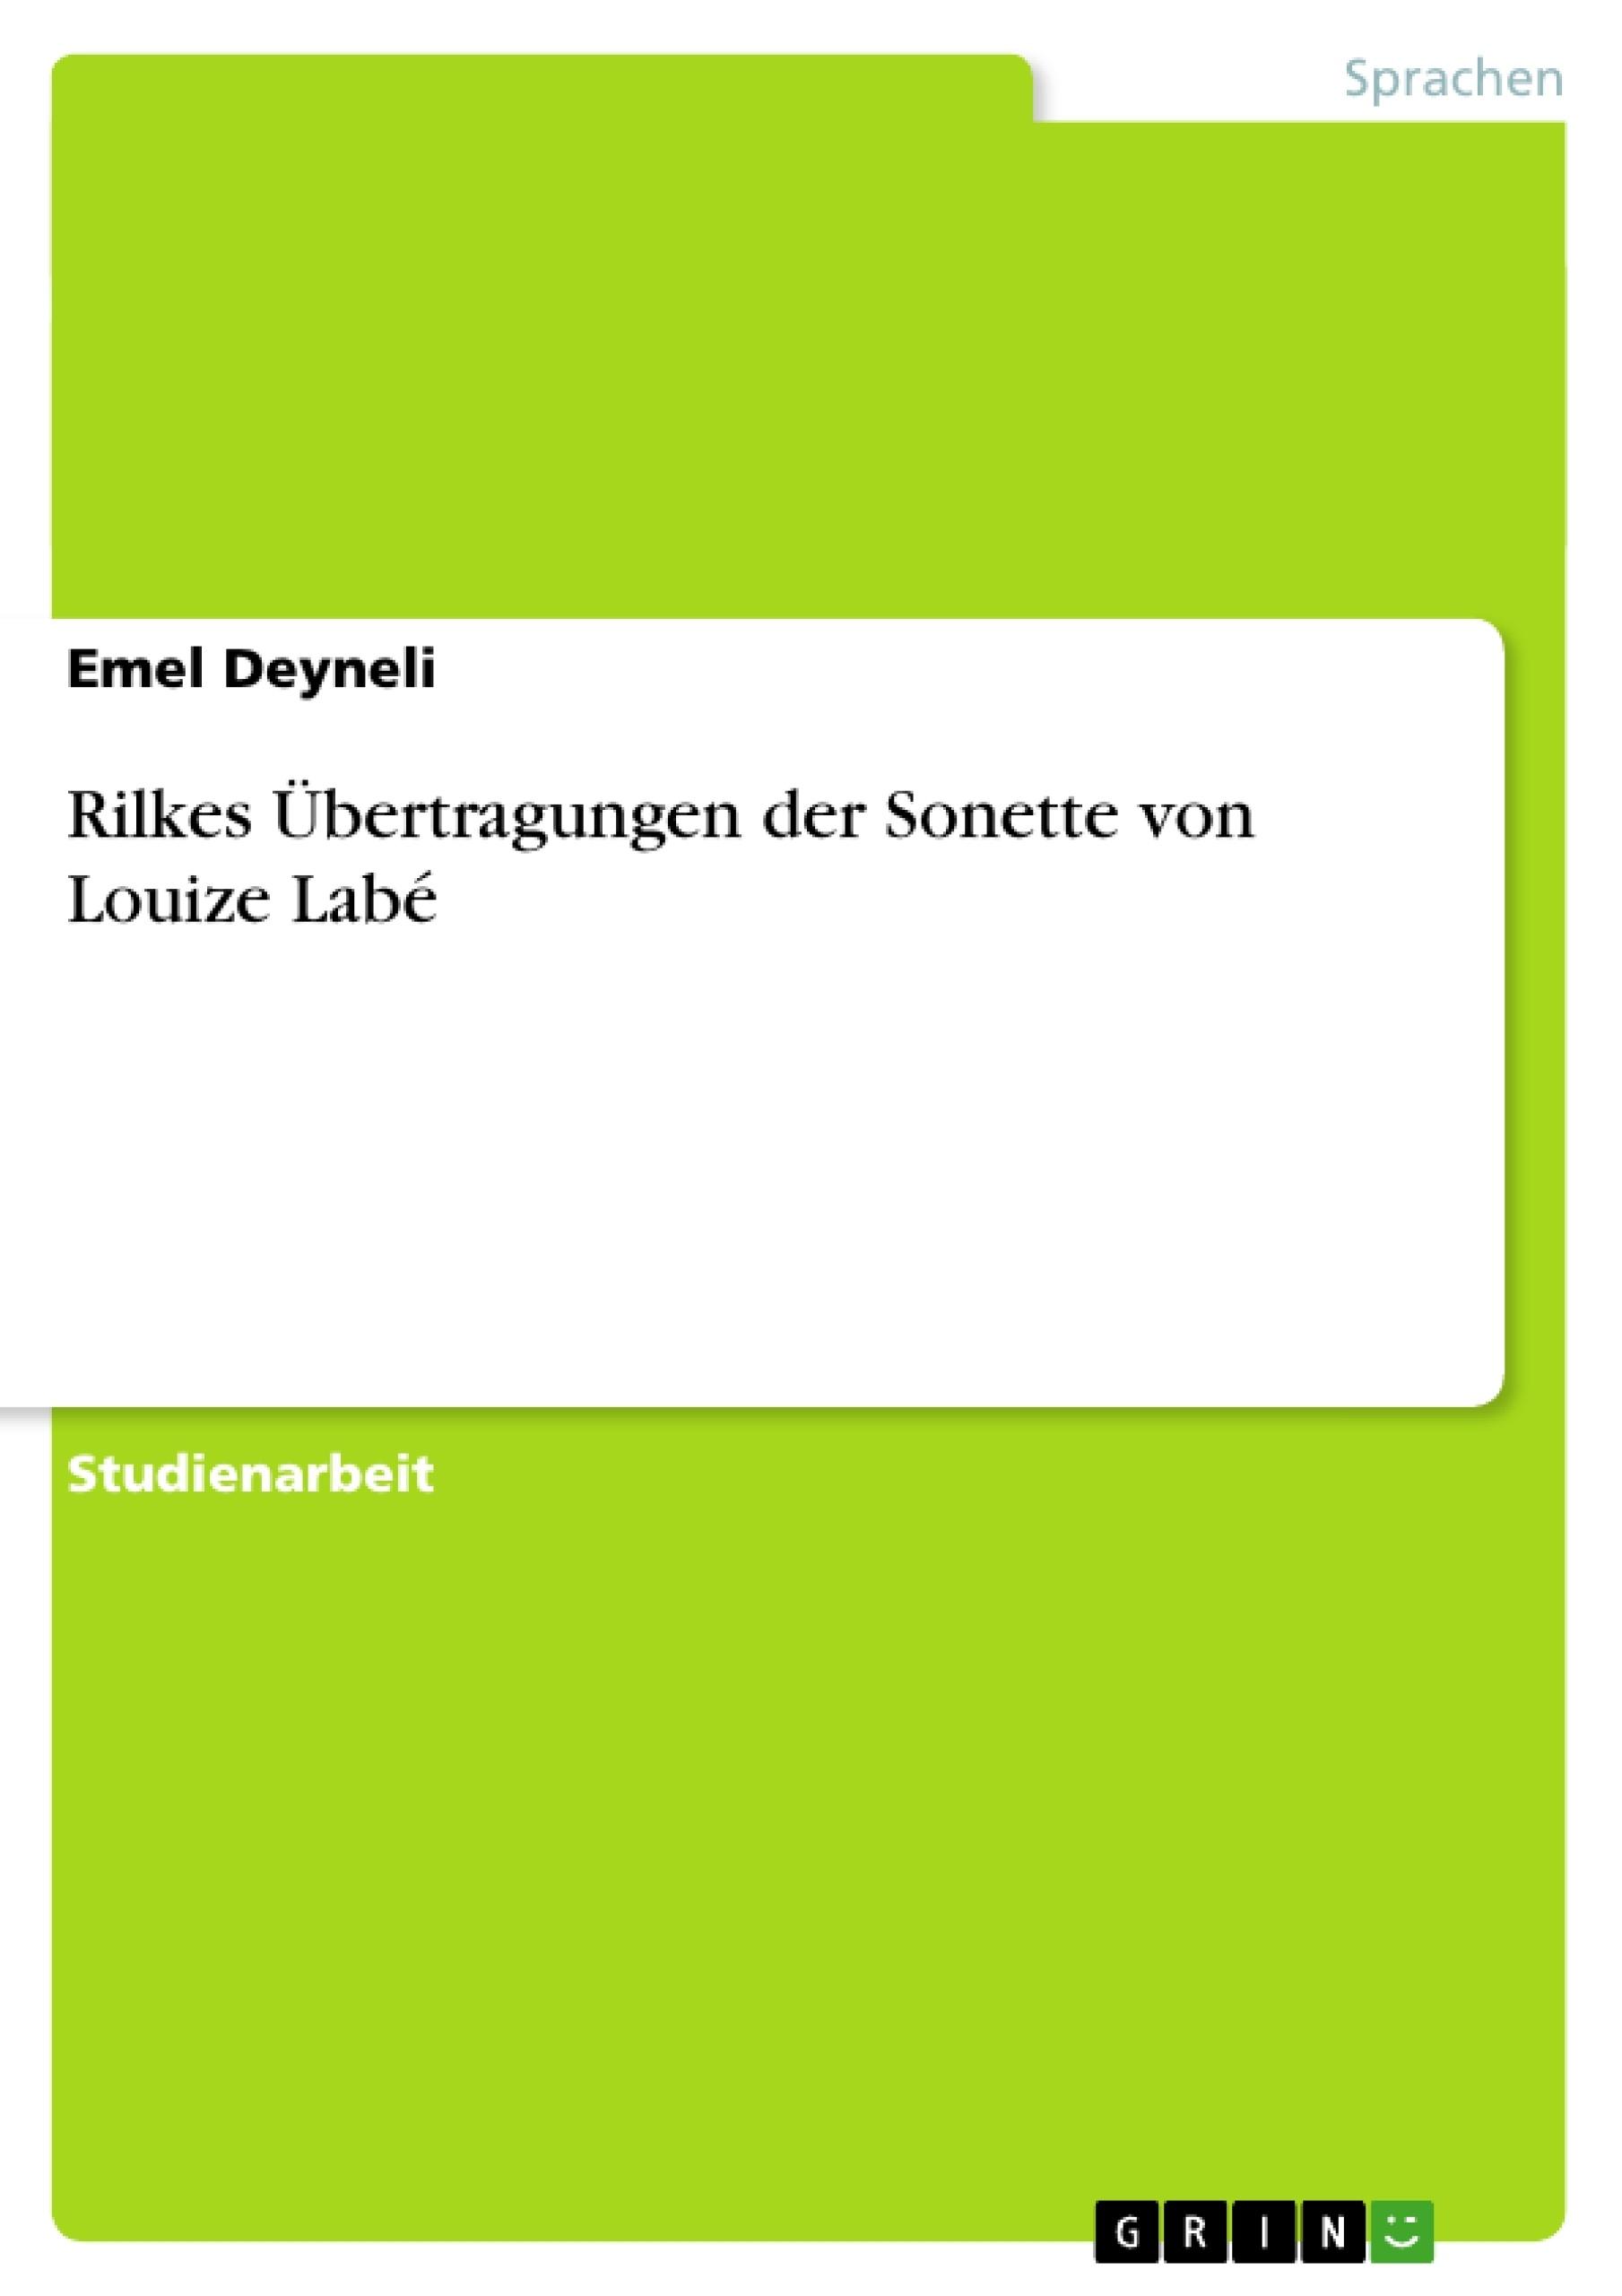 Titel: Rilkes Übertragungen der Sonette von Louize Labé